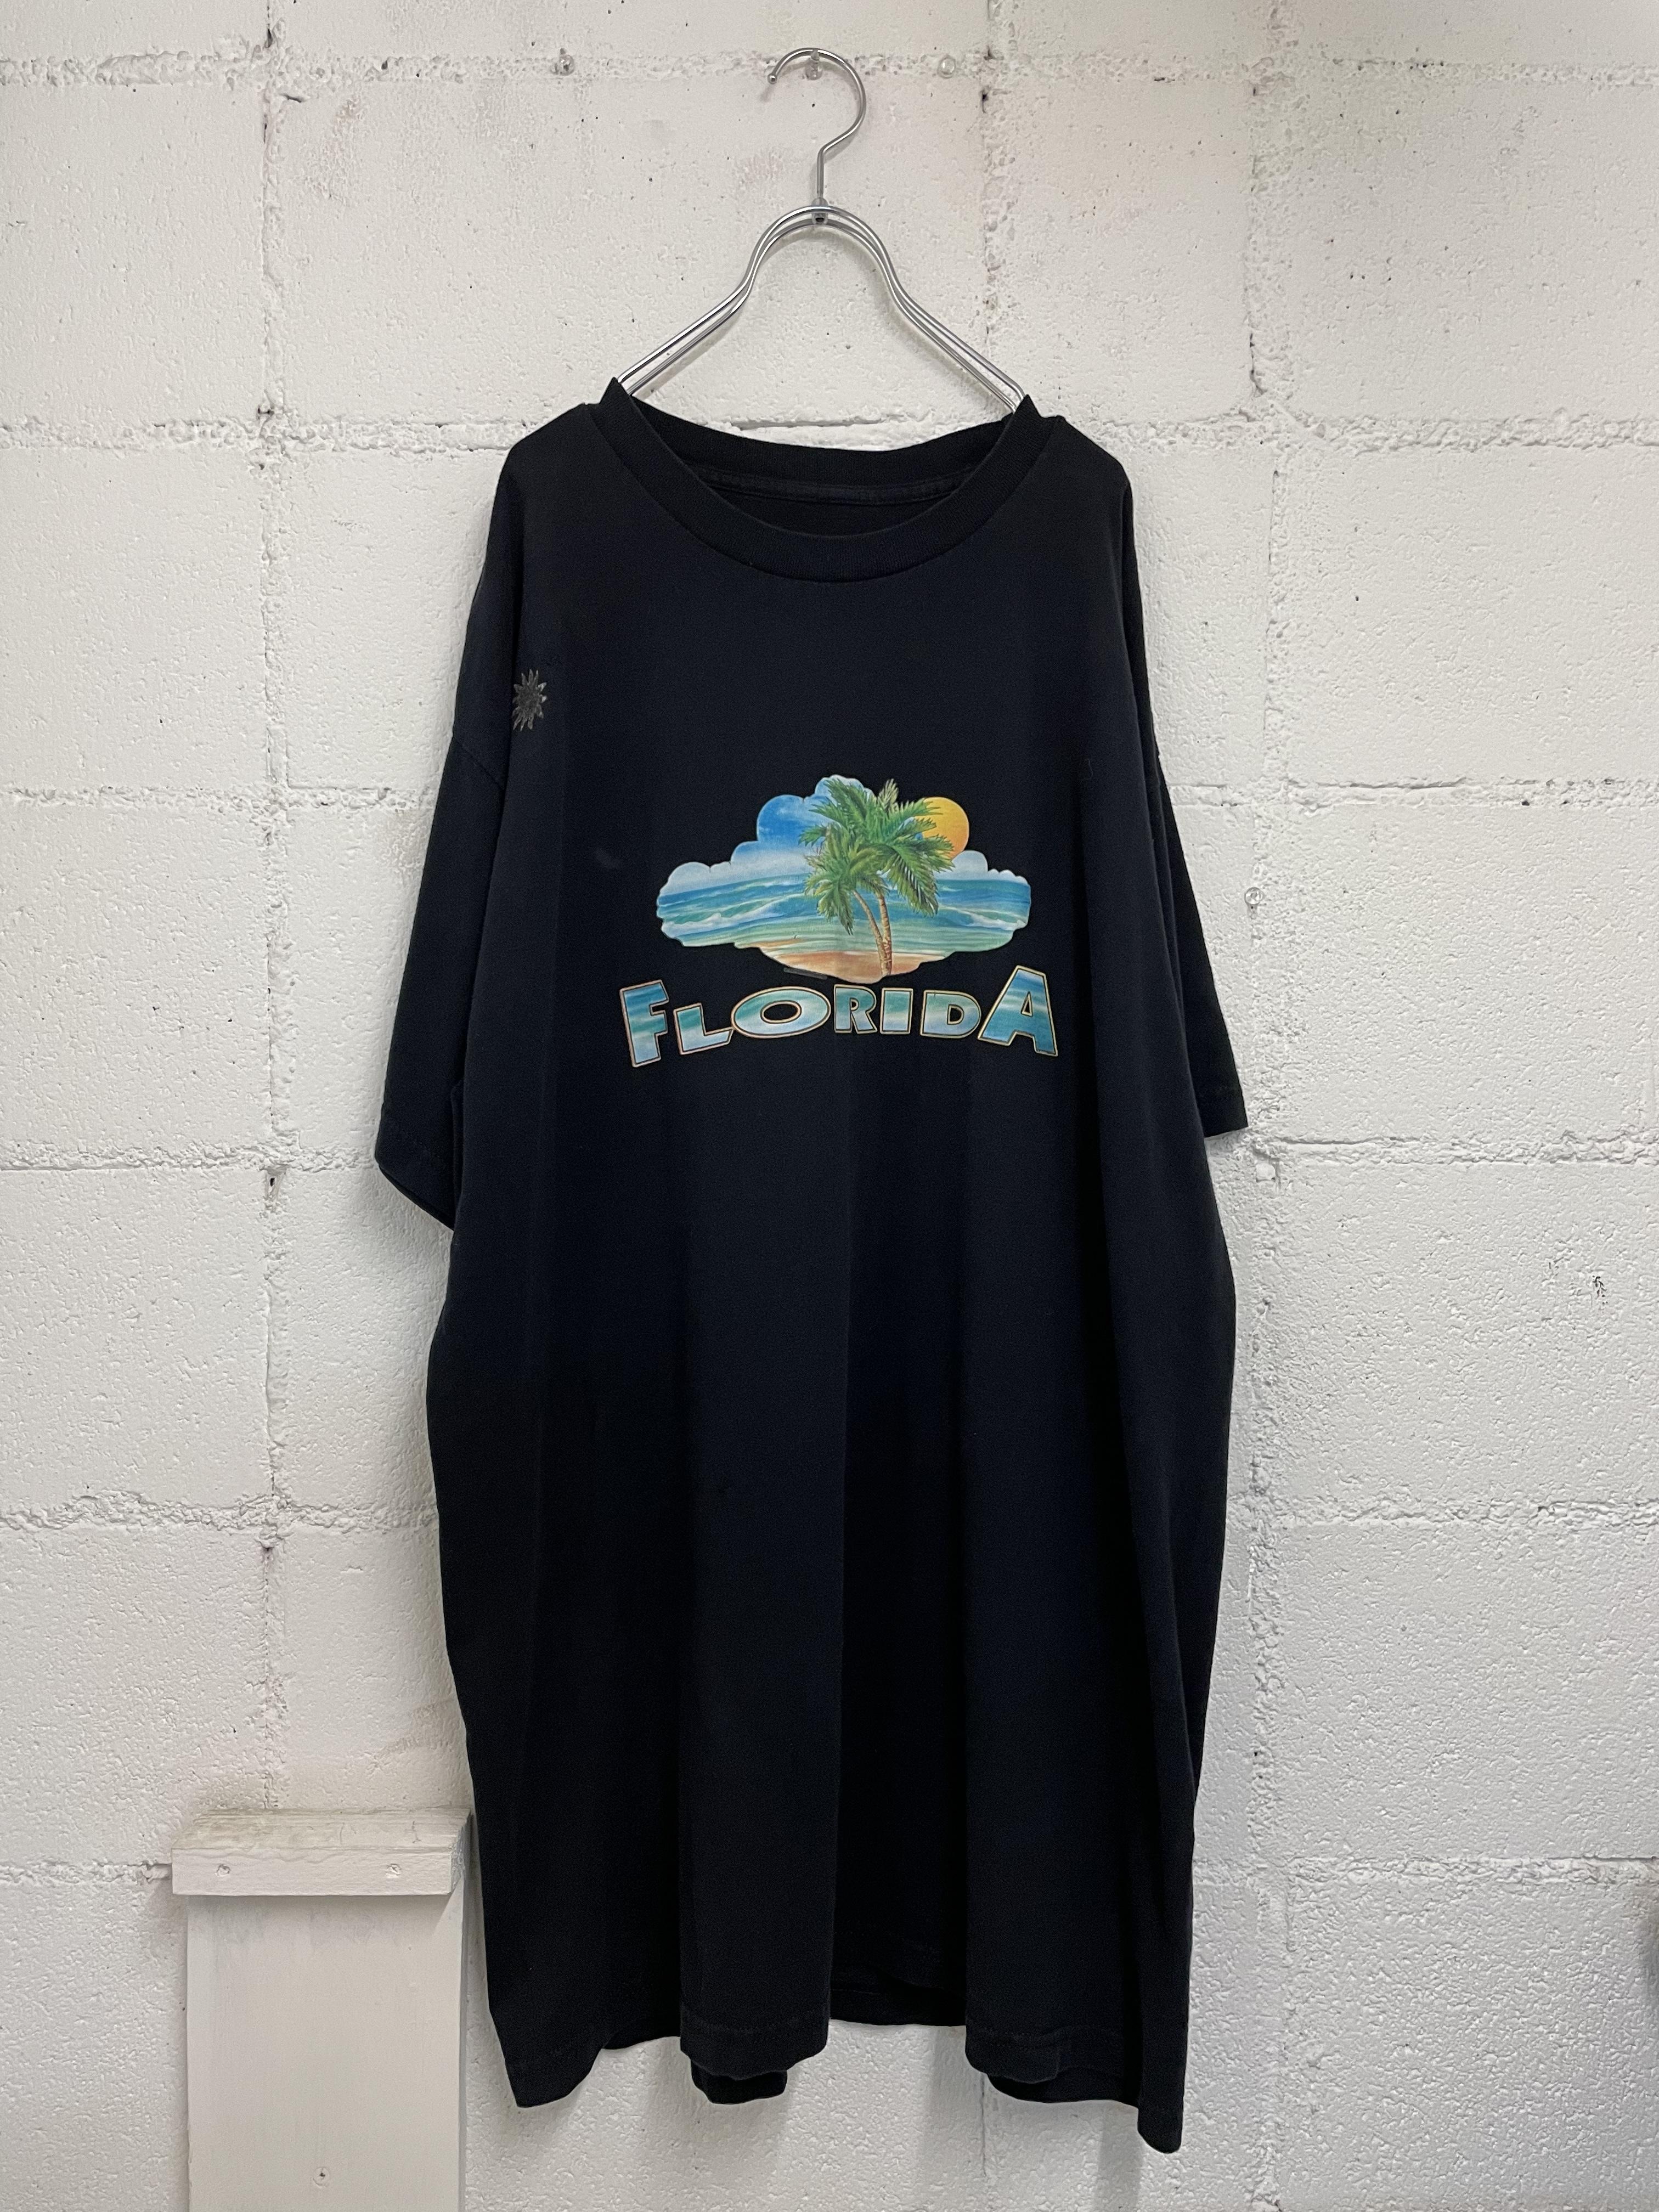 【USED】FLORIDA tee